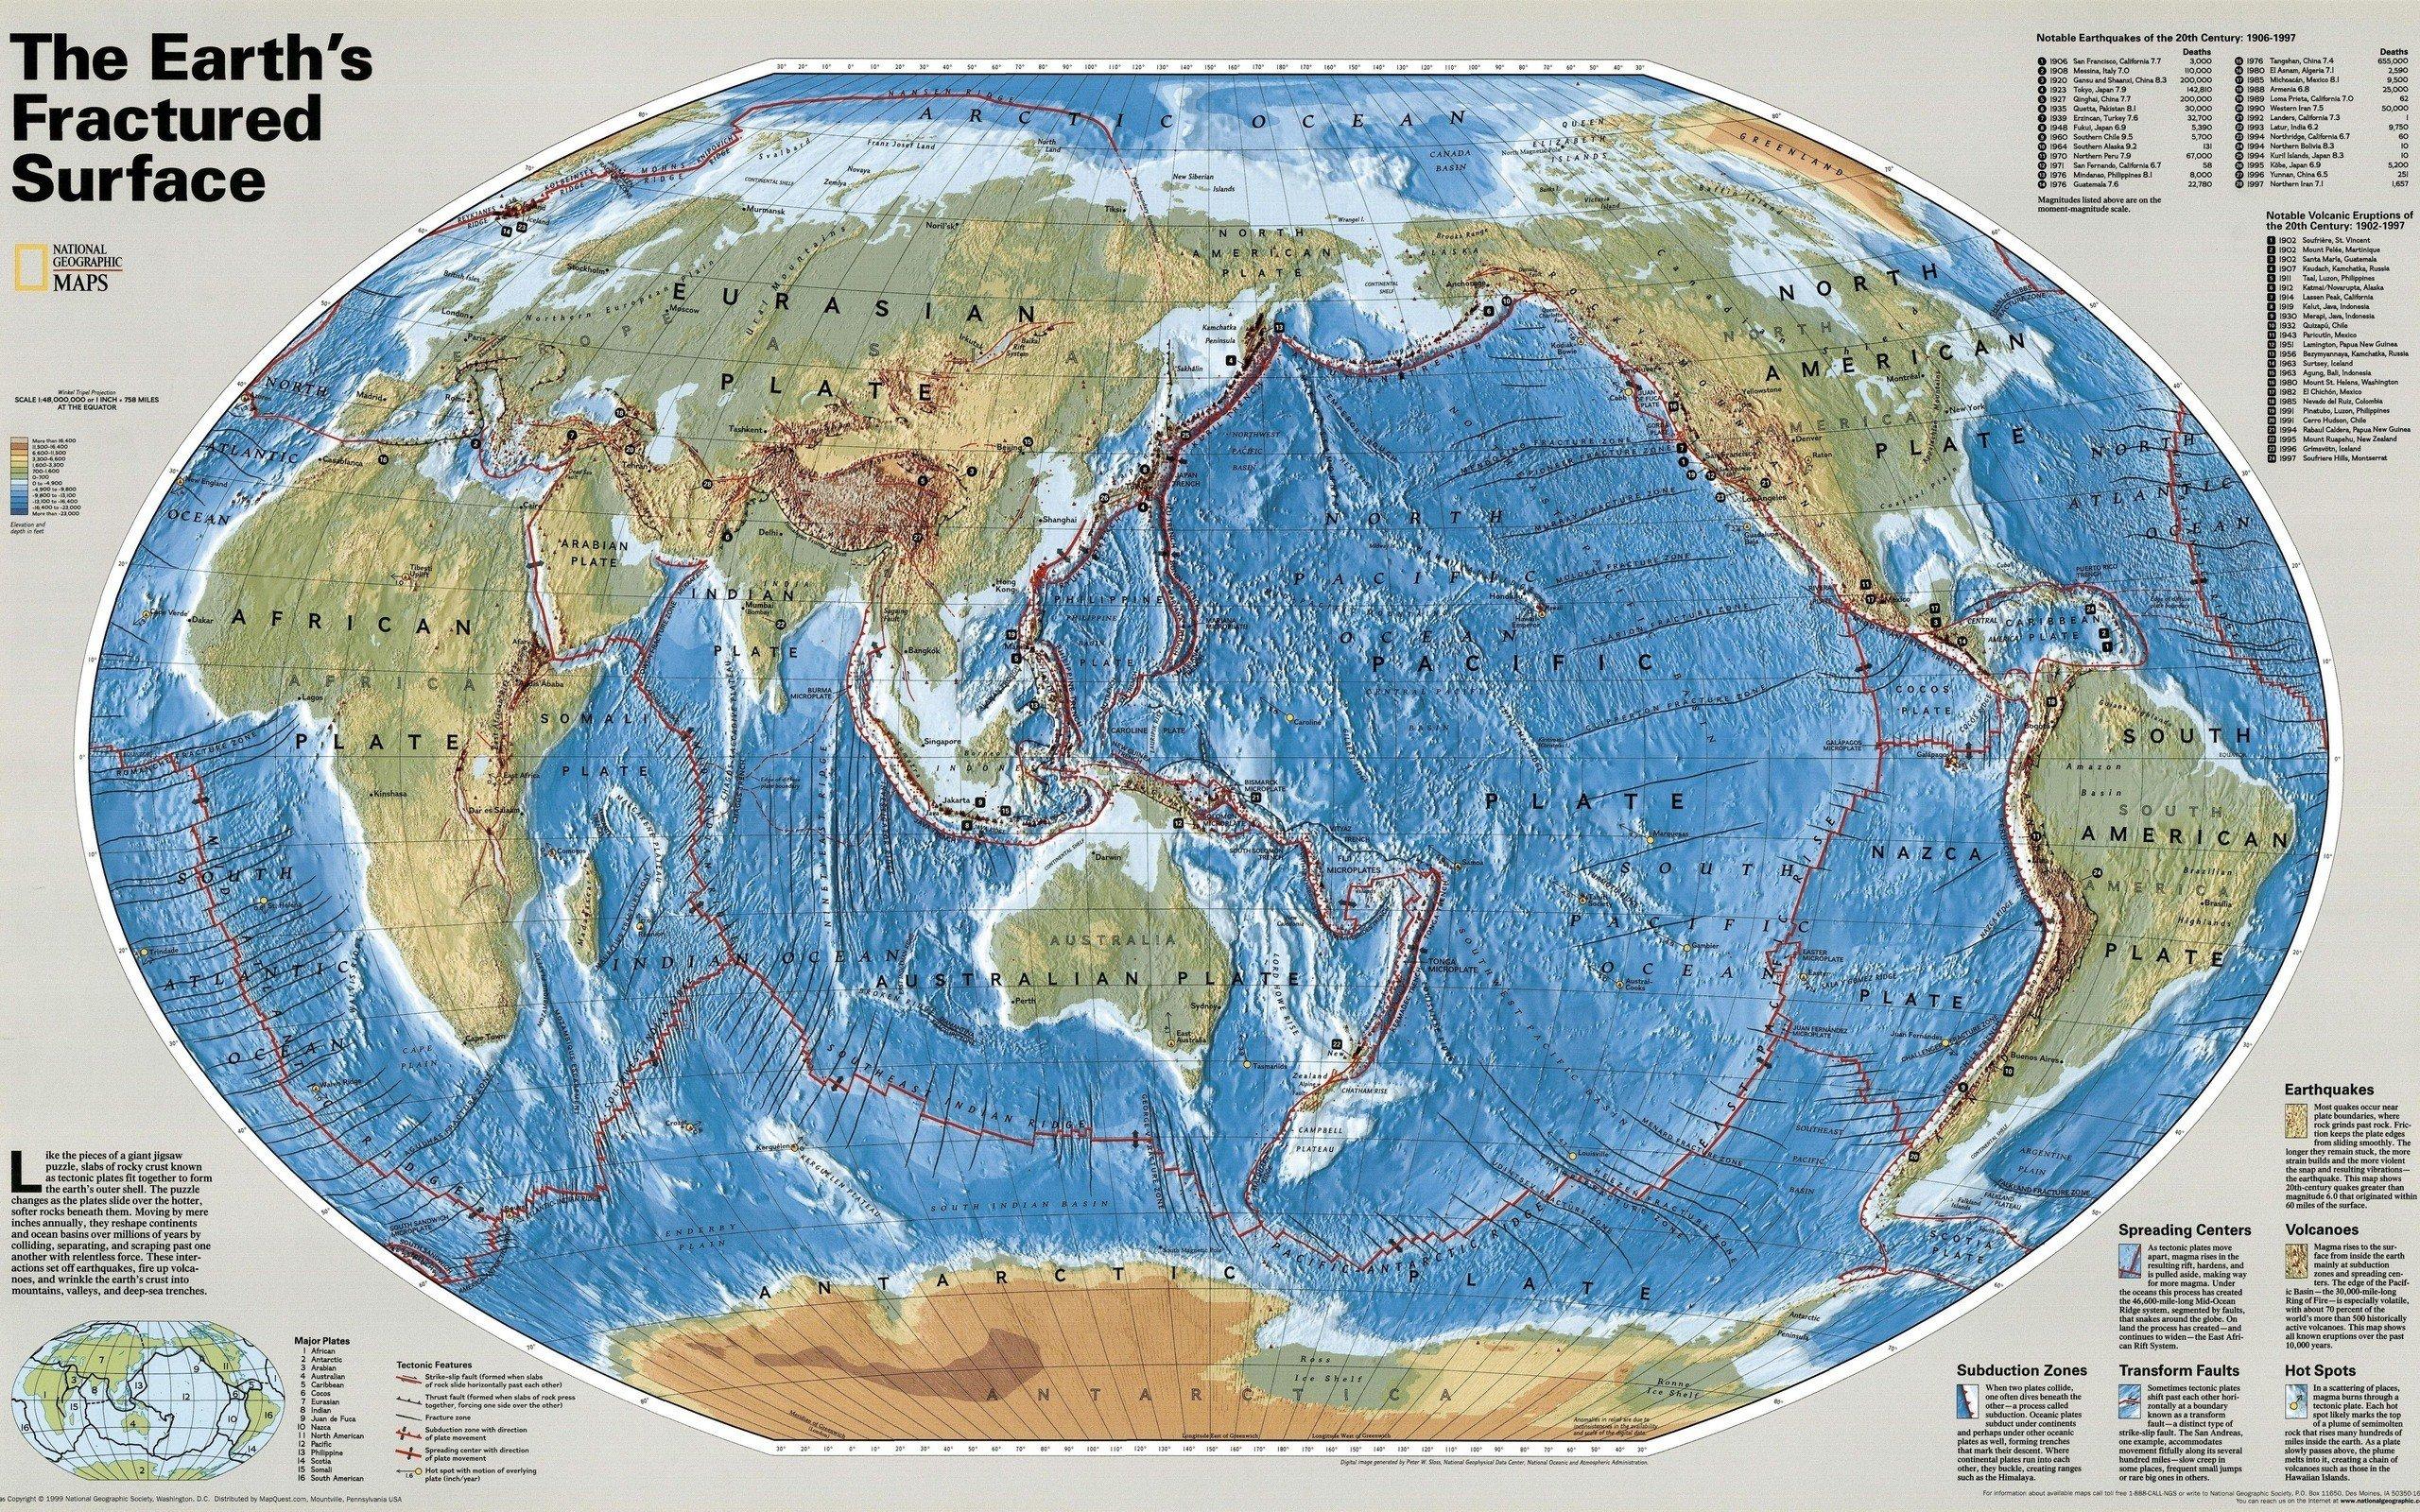 Wallpaper : 2560x1600 px, Africa, Antarctica, Asia, Austria ...